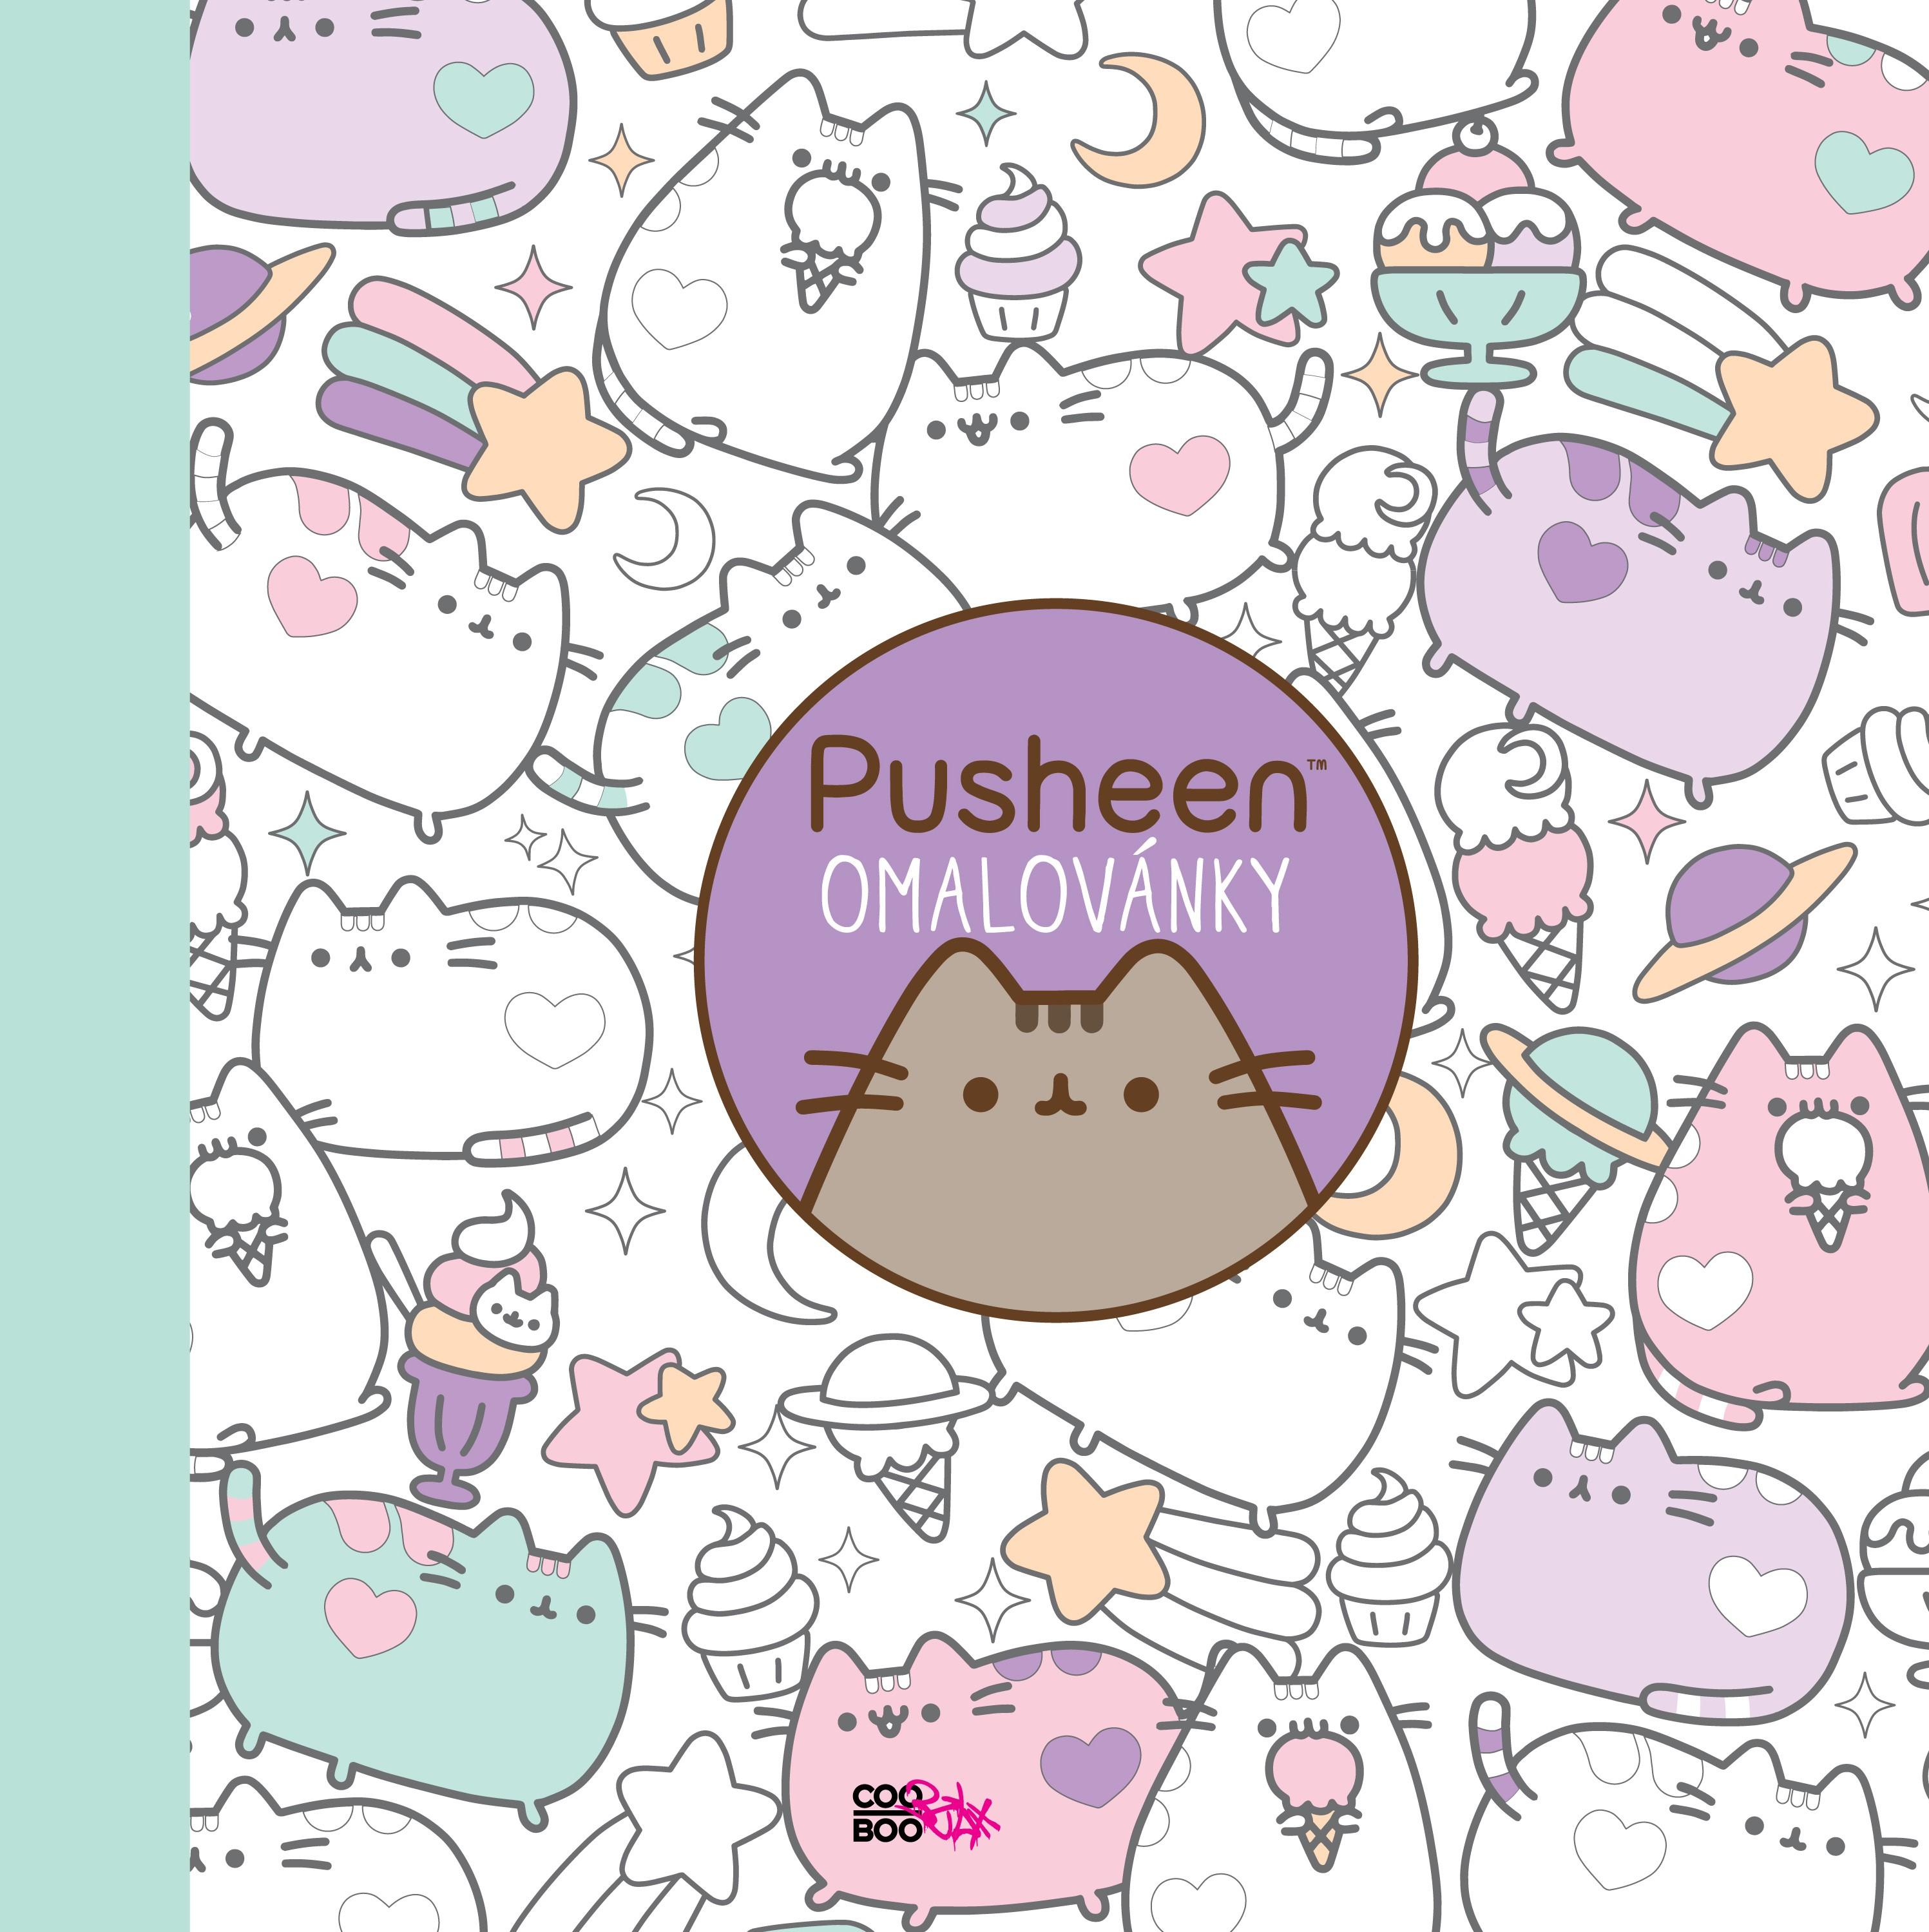 Pusheen - omalovánky | Claire Beltonová